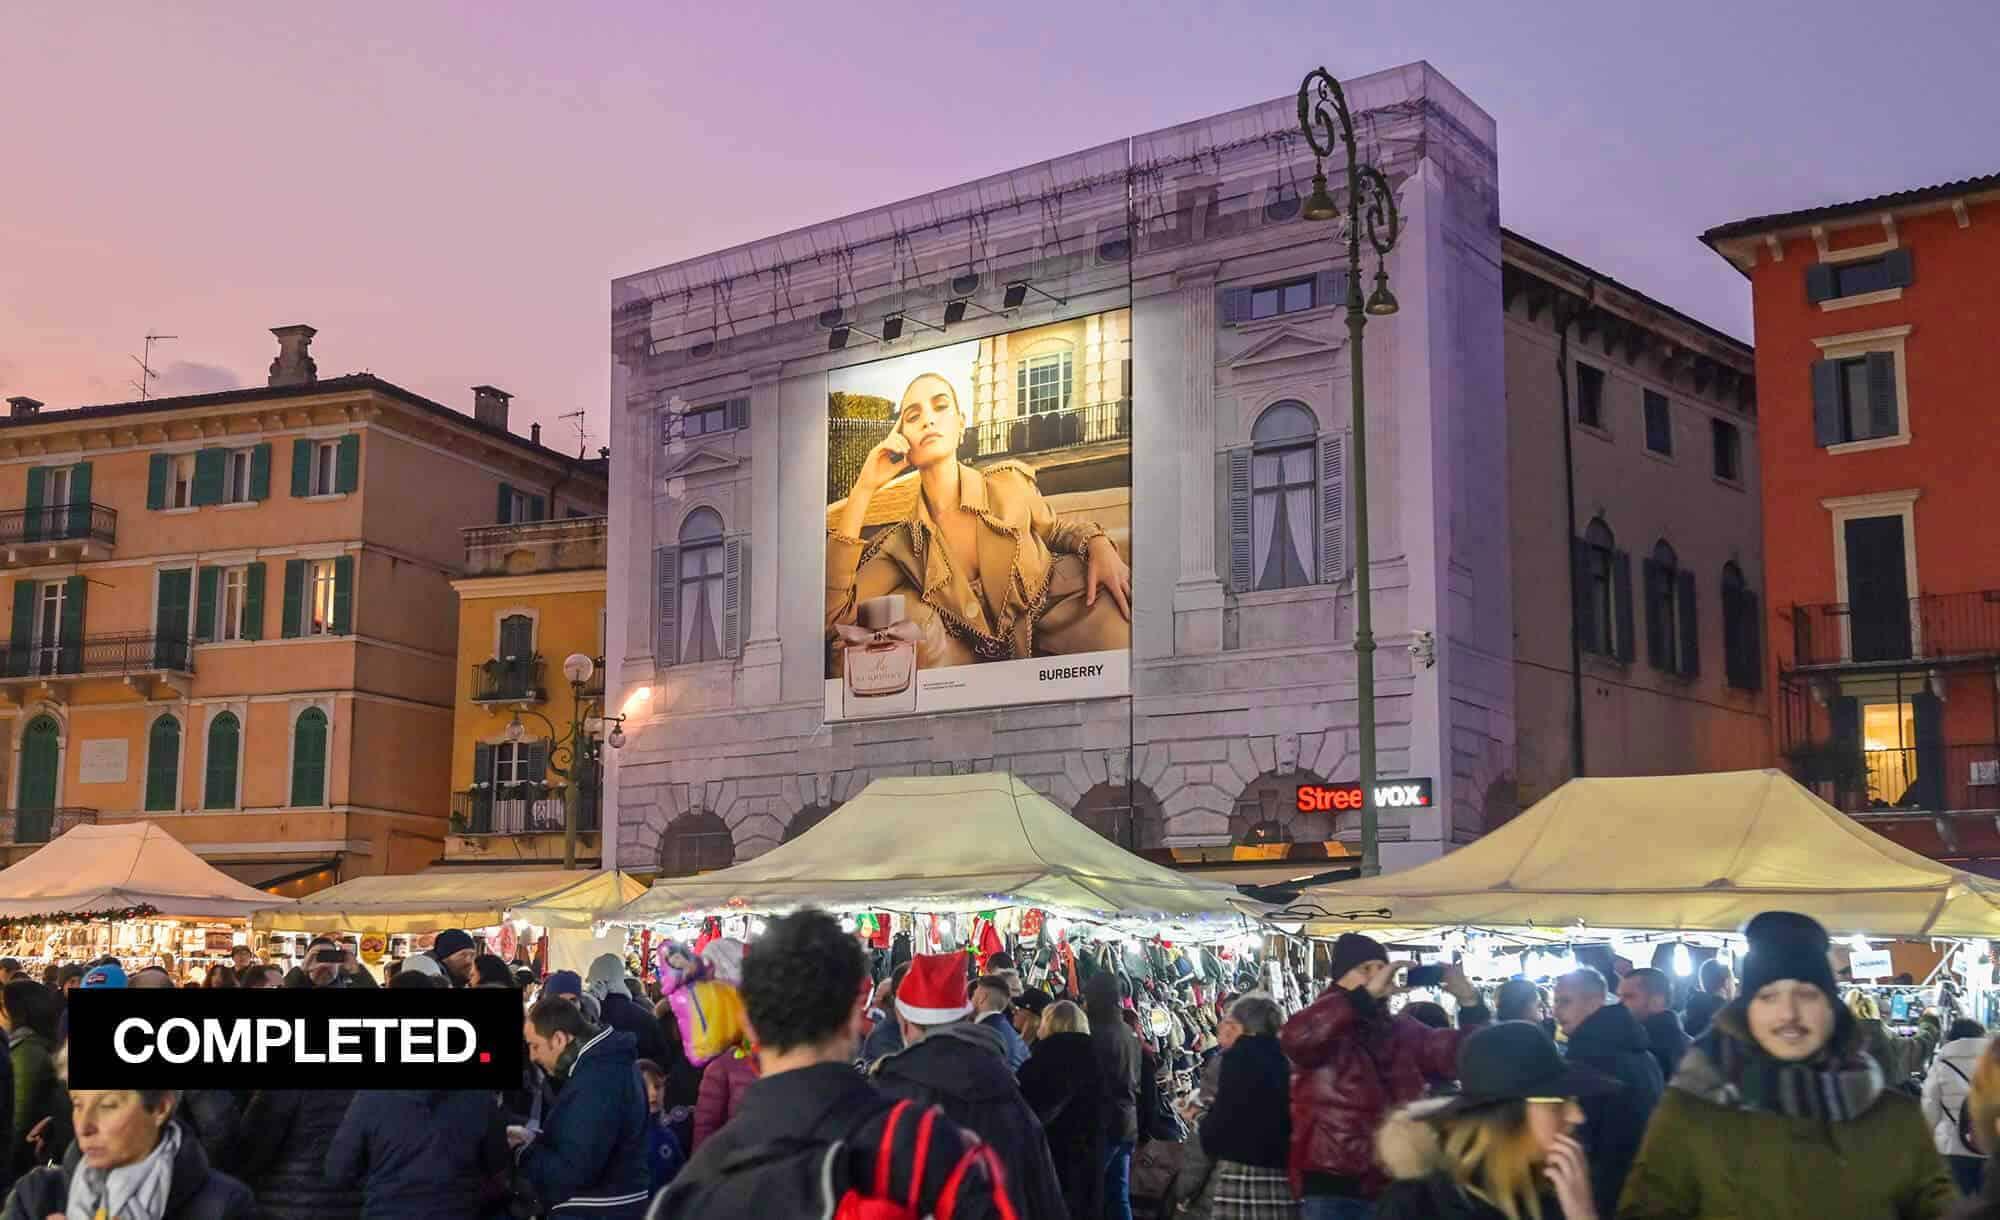 Maxi Affisione a Verona in Piazza Bra Palazzo Malfatti con Burberry (fashion)